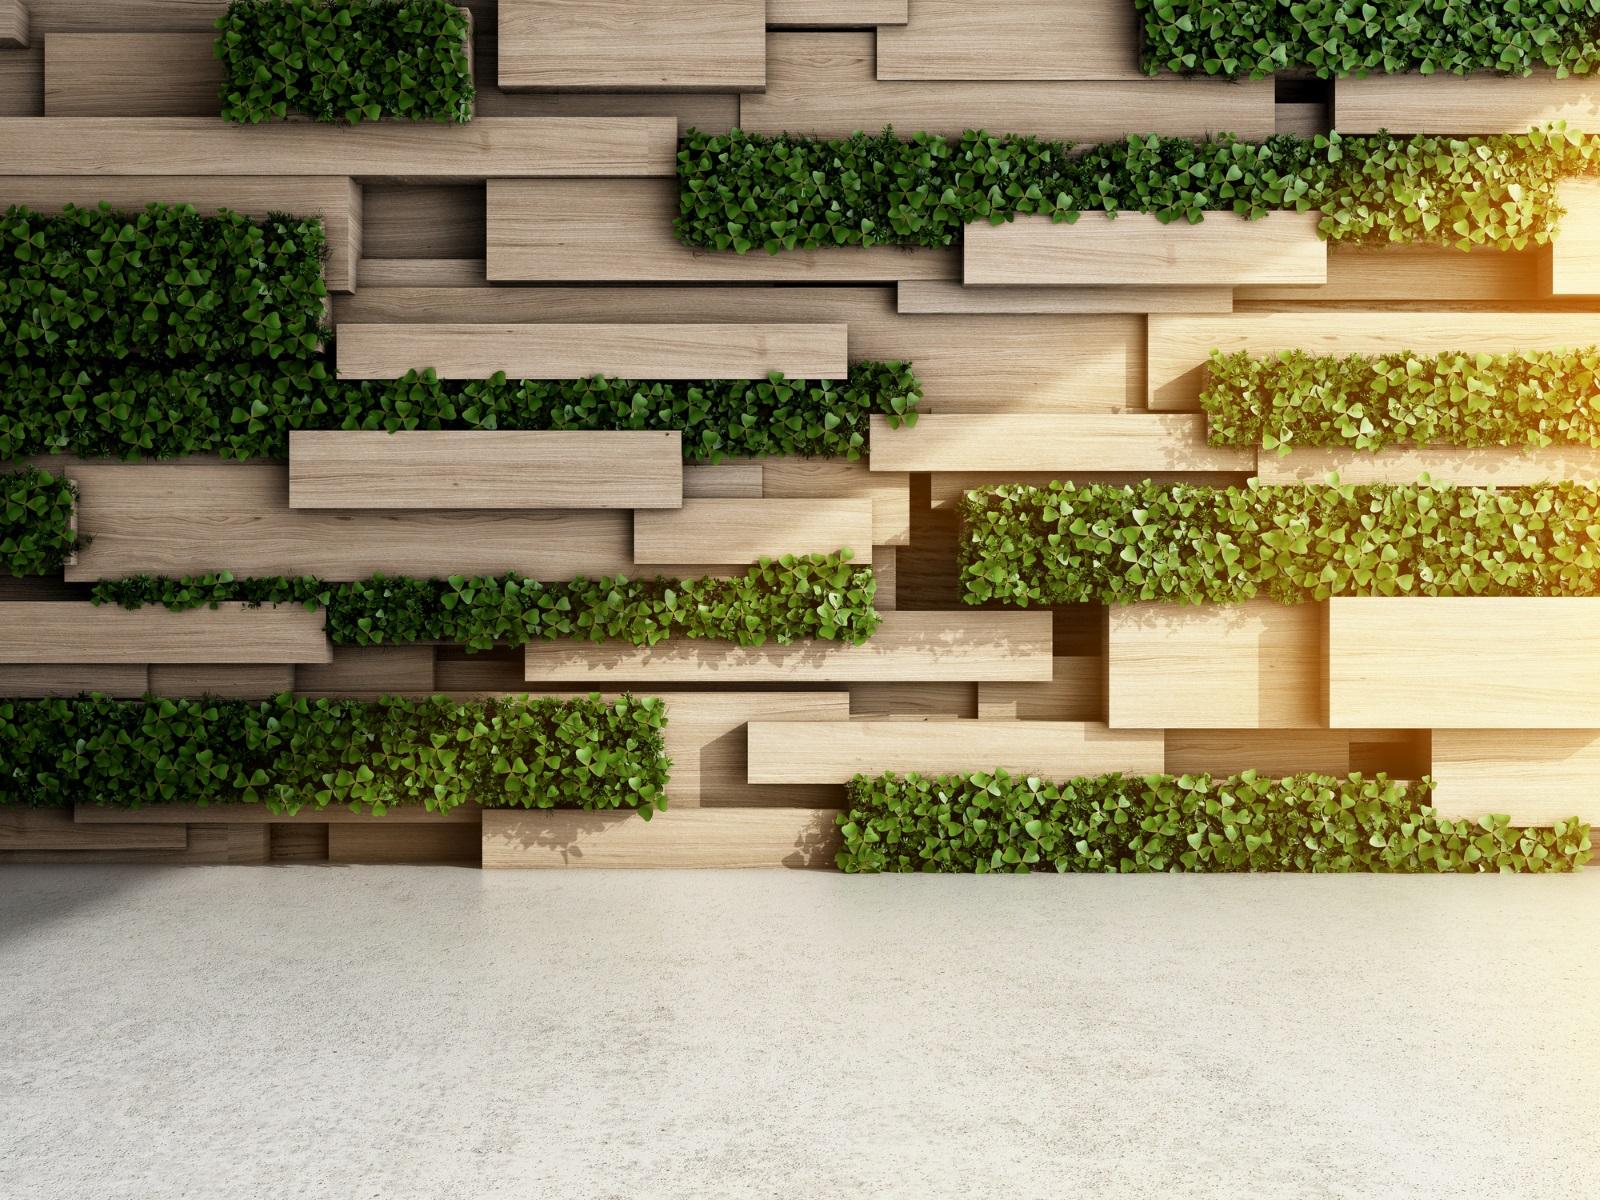 Системата от растения, разположена по стените, на височината на погледа, оказват изумителен ефект върху хората.